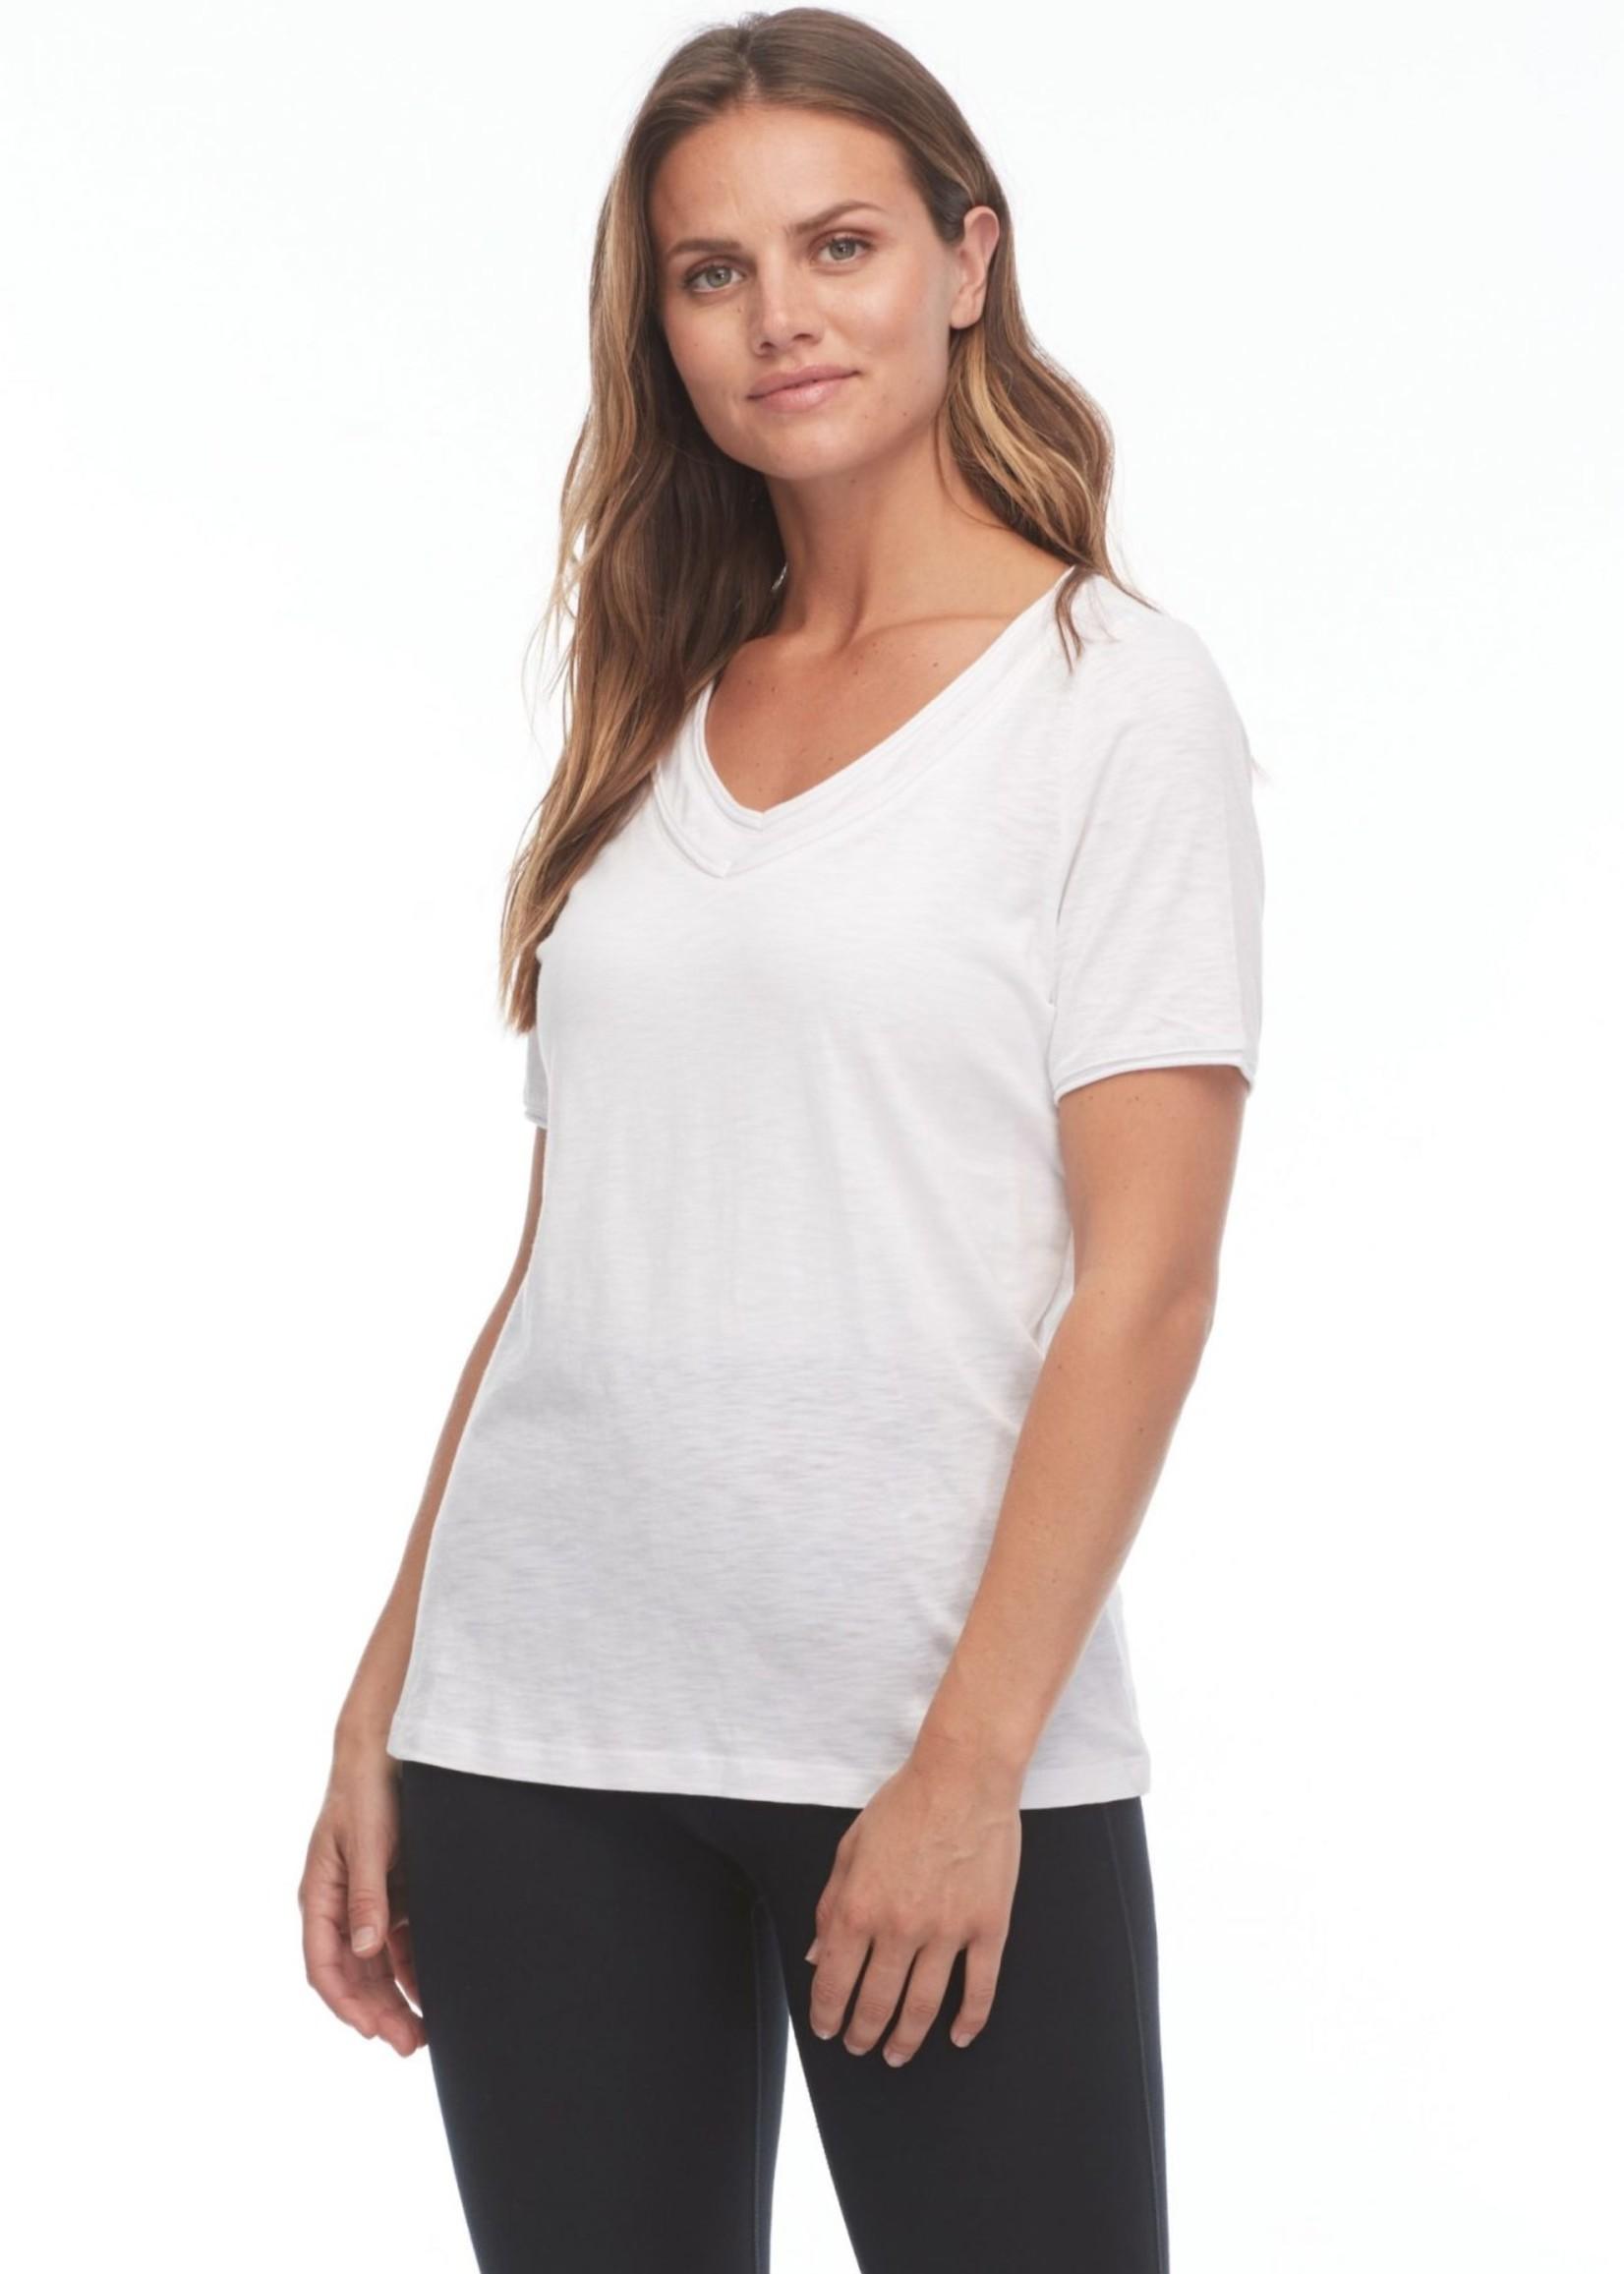 iMove iMove FDJ T-shirt